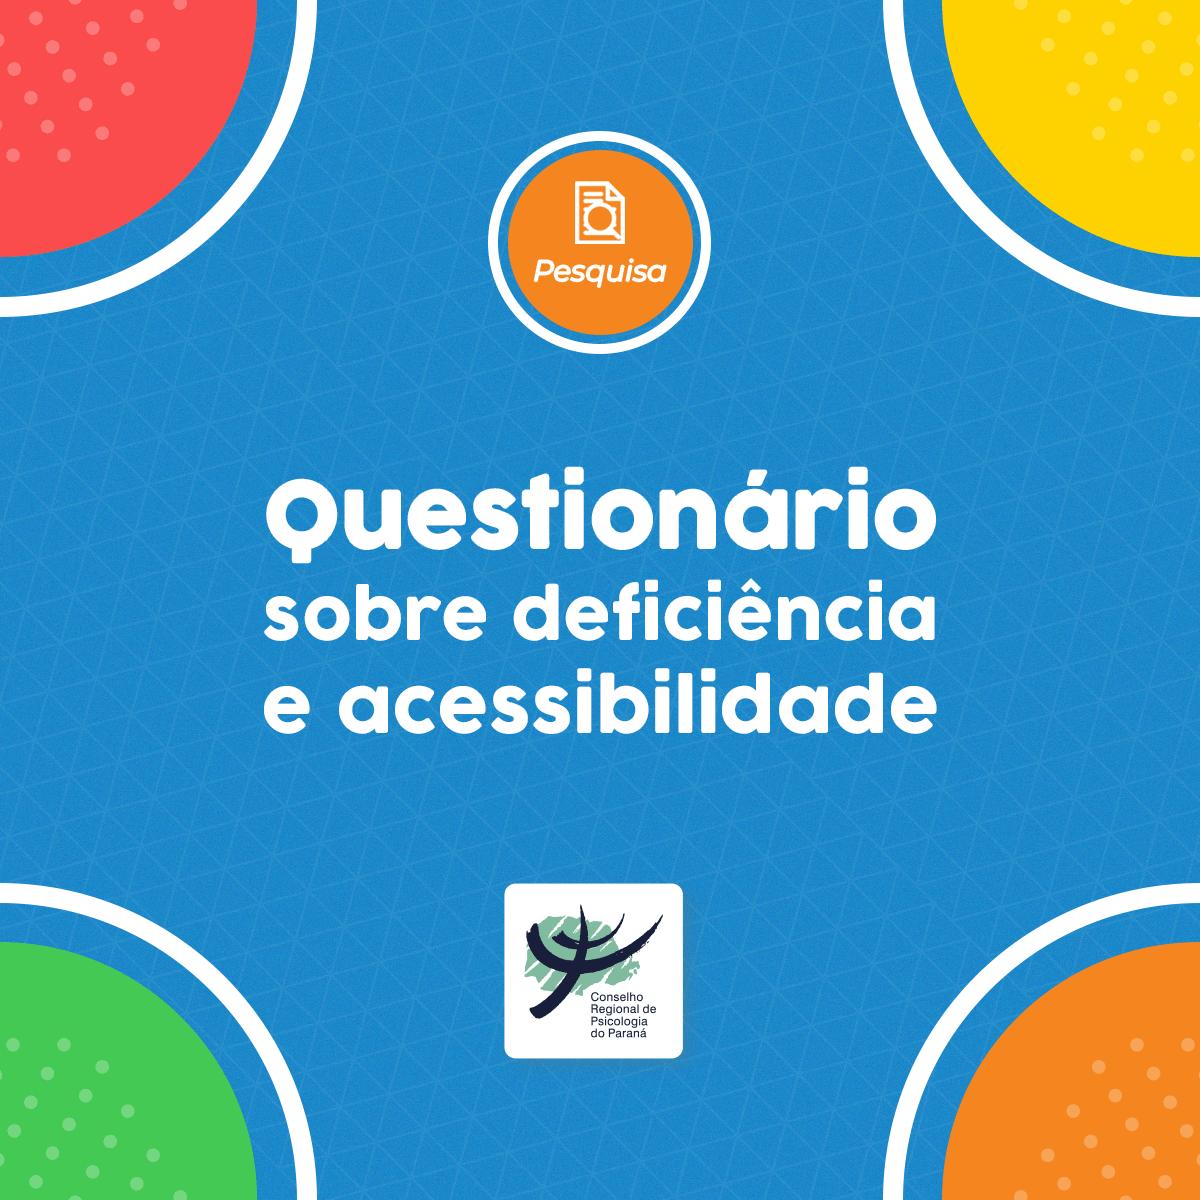 Questionário do Núcleo de Pessoas com Deficiência do CRP-PR busca informações sobre deficiência e acessibilidade